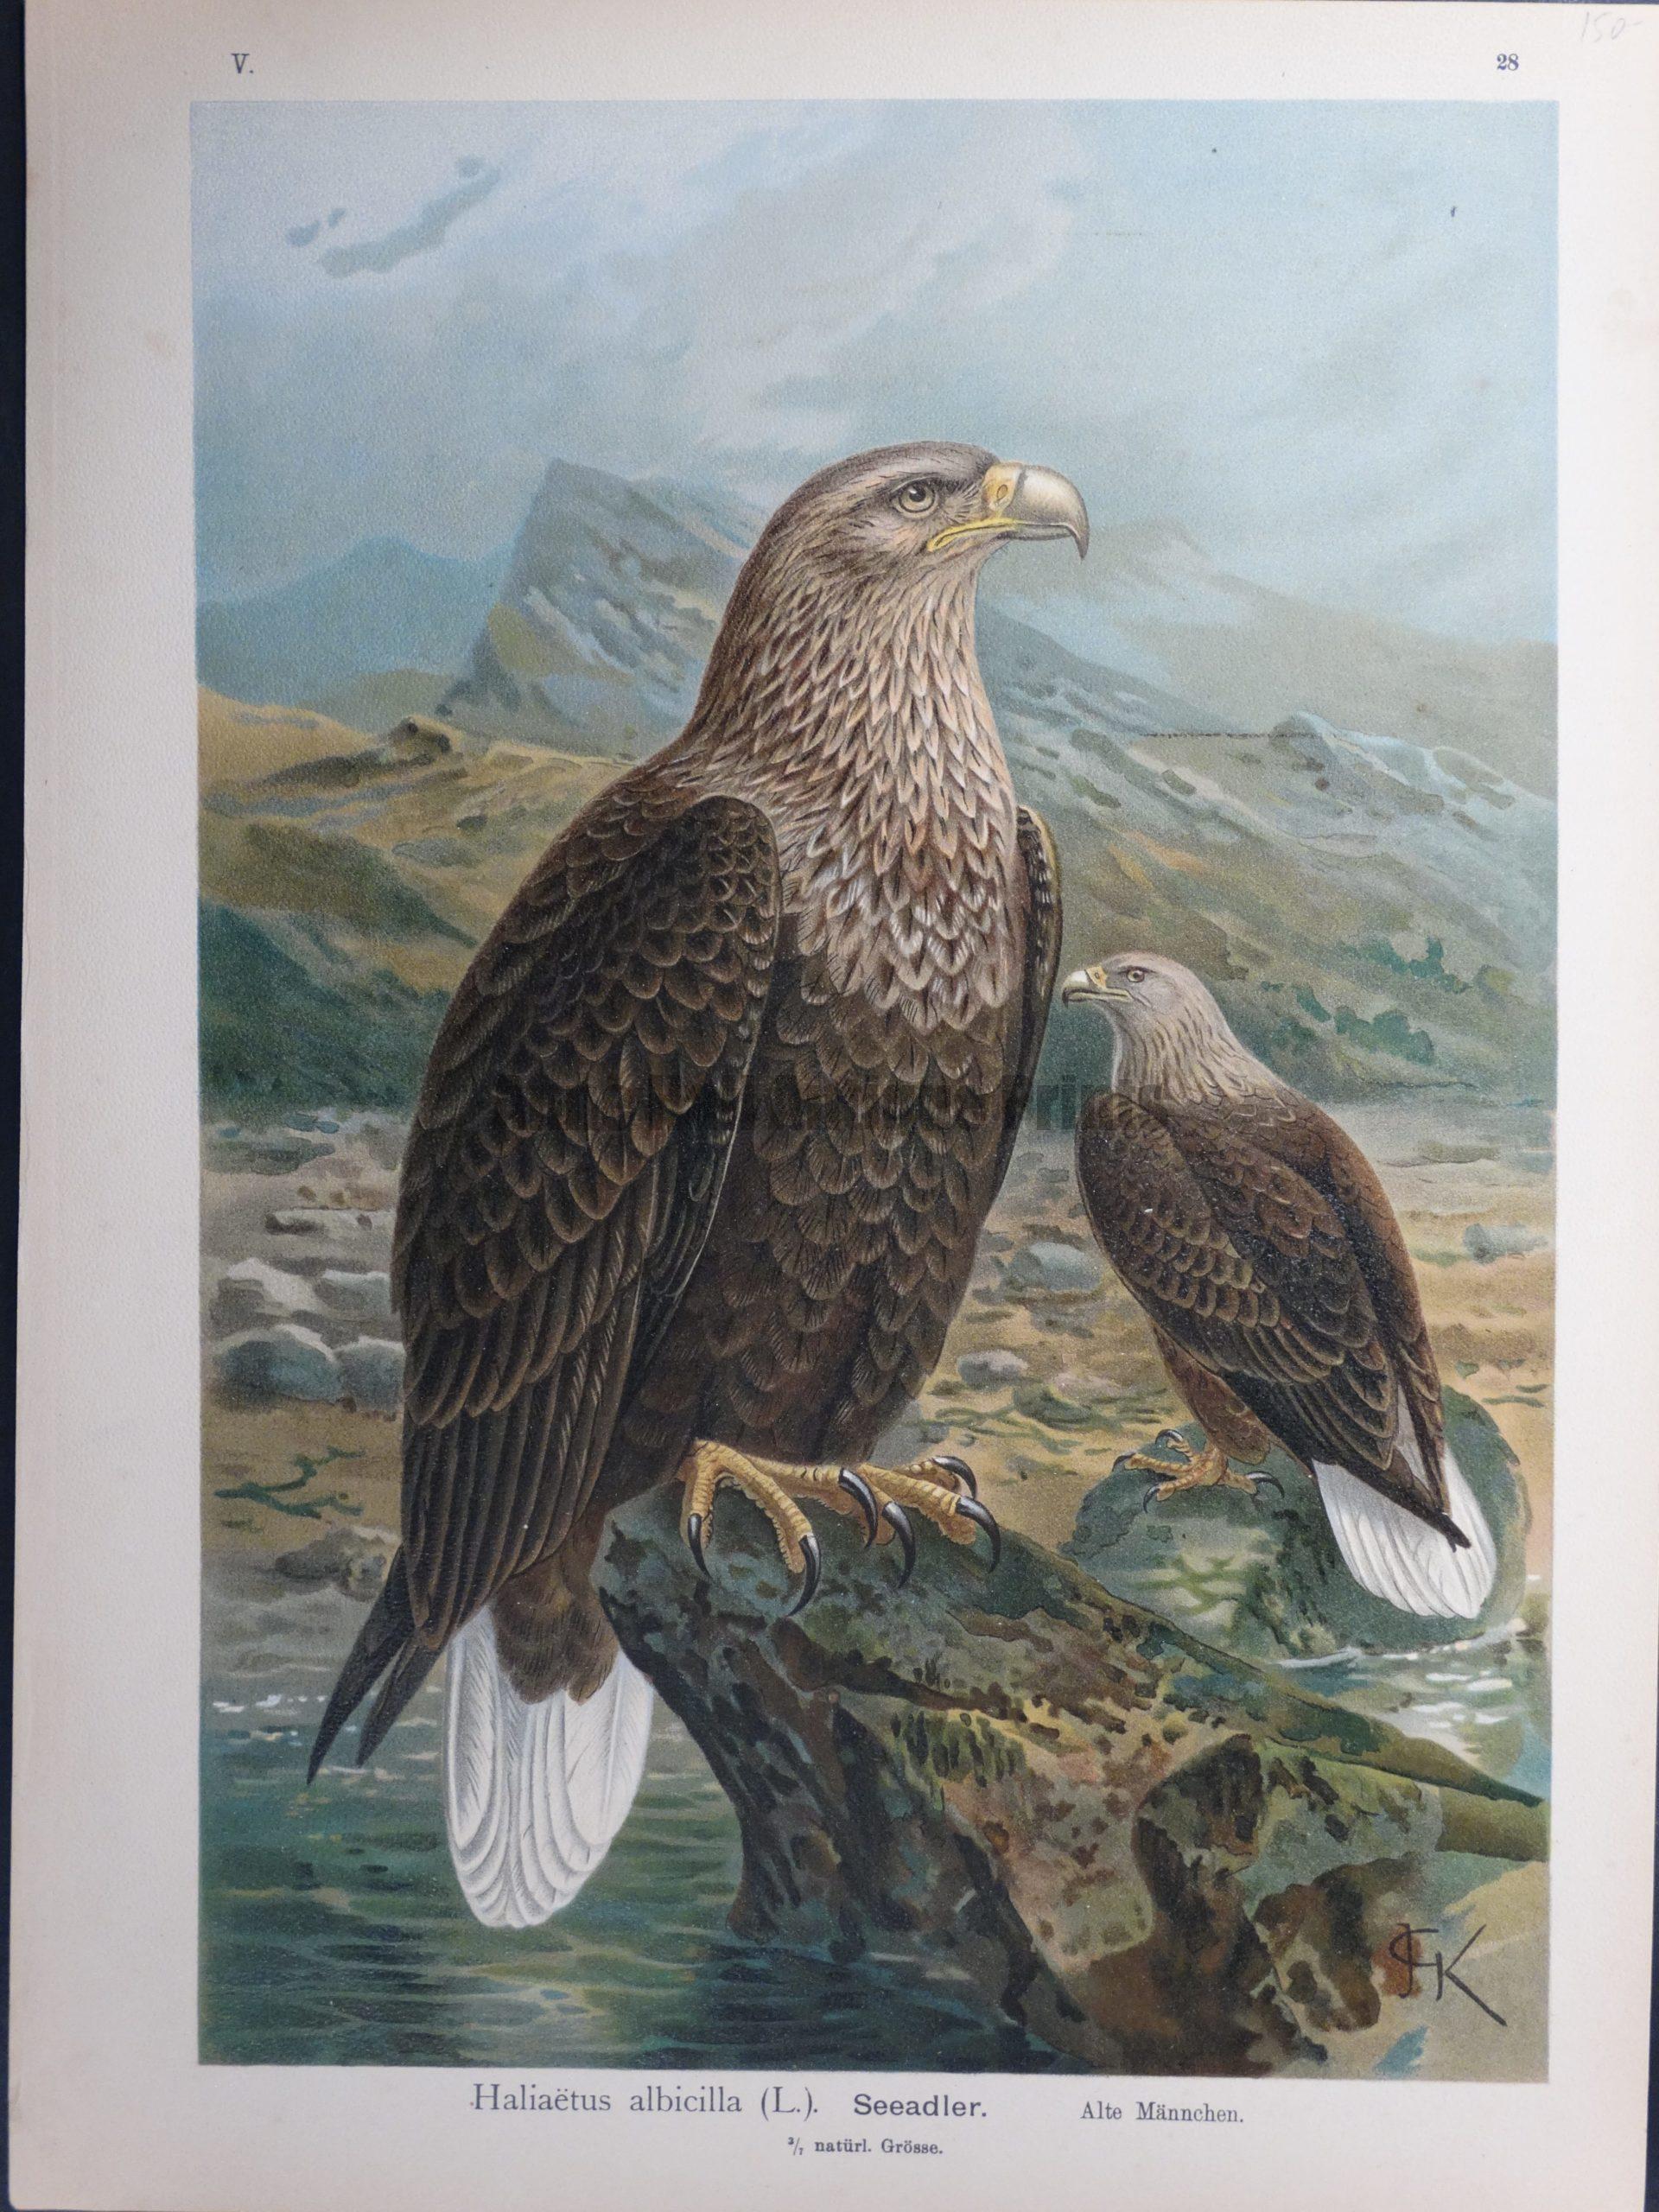 Haliaetus albicilla, 1895